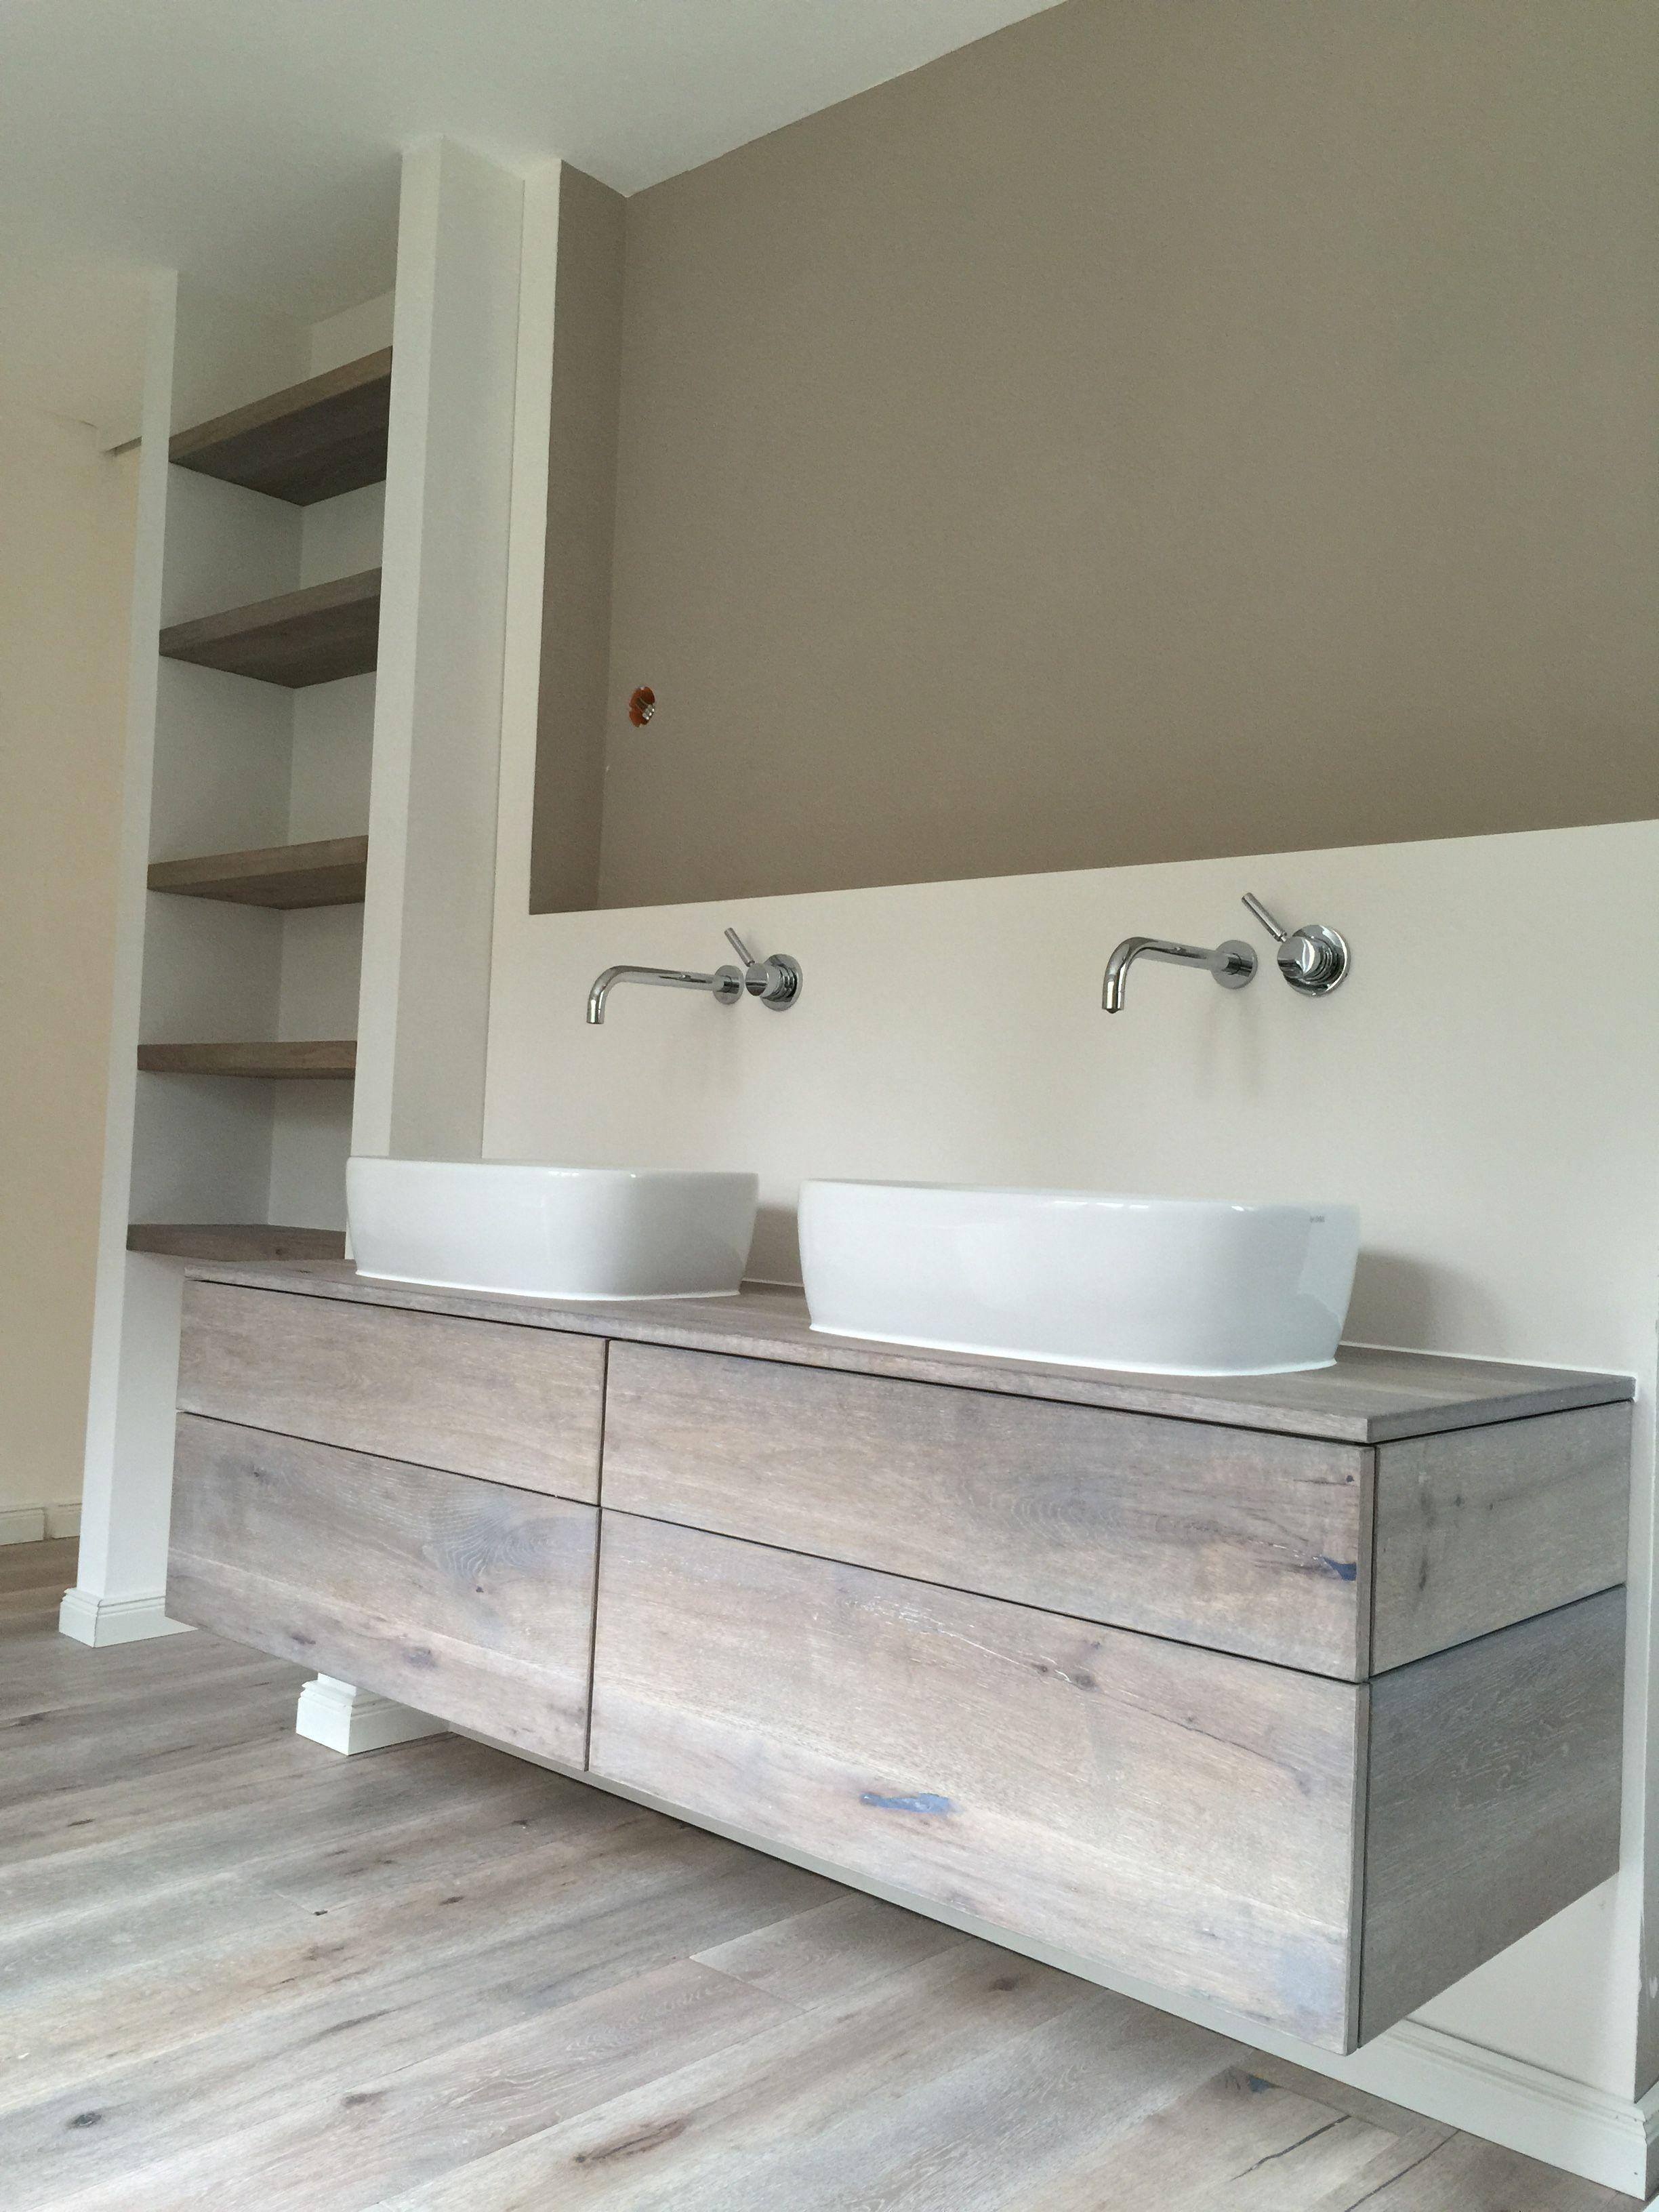 Waschtischunterschrank in eiche massivholz vintage look for Waschtischunterschrank holz